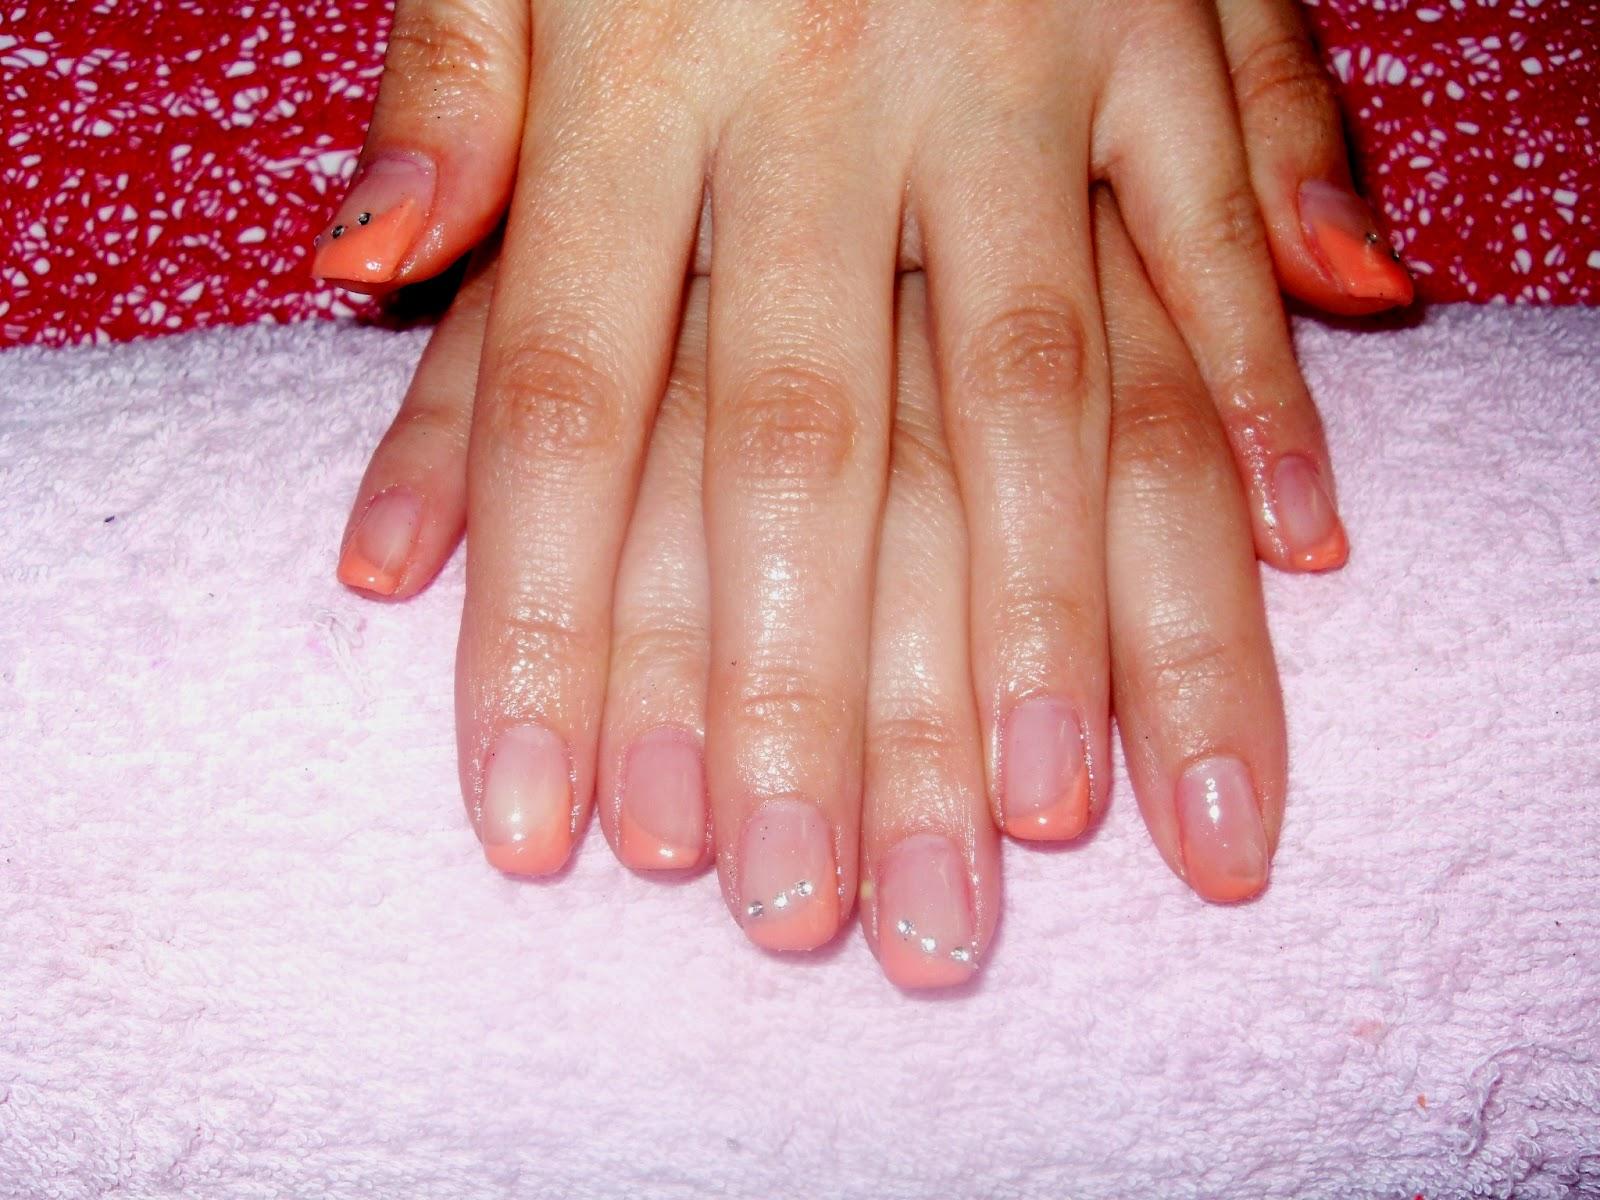 Dreaming nails Stesura di gel su unghie naturali french